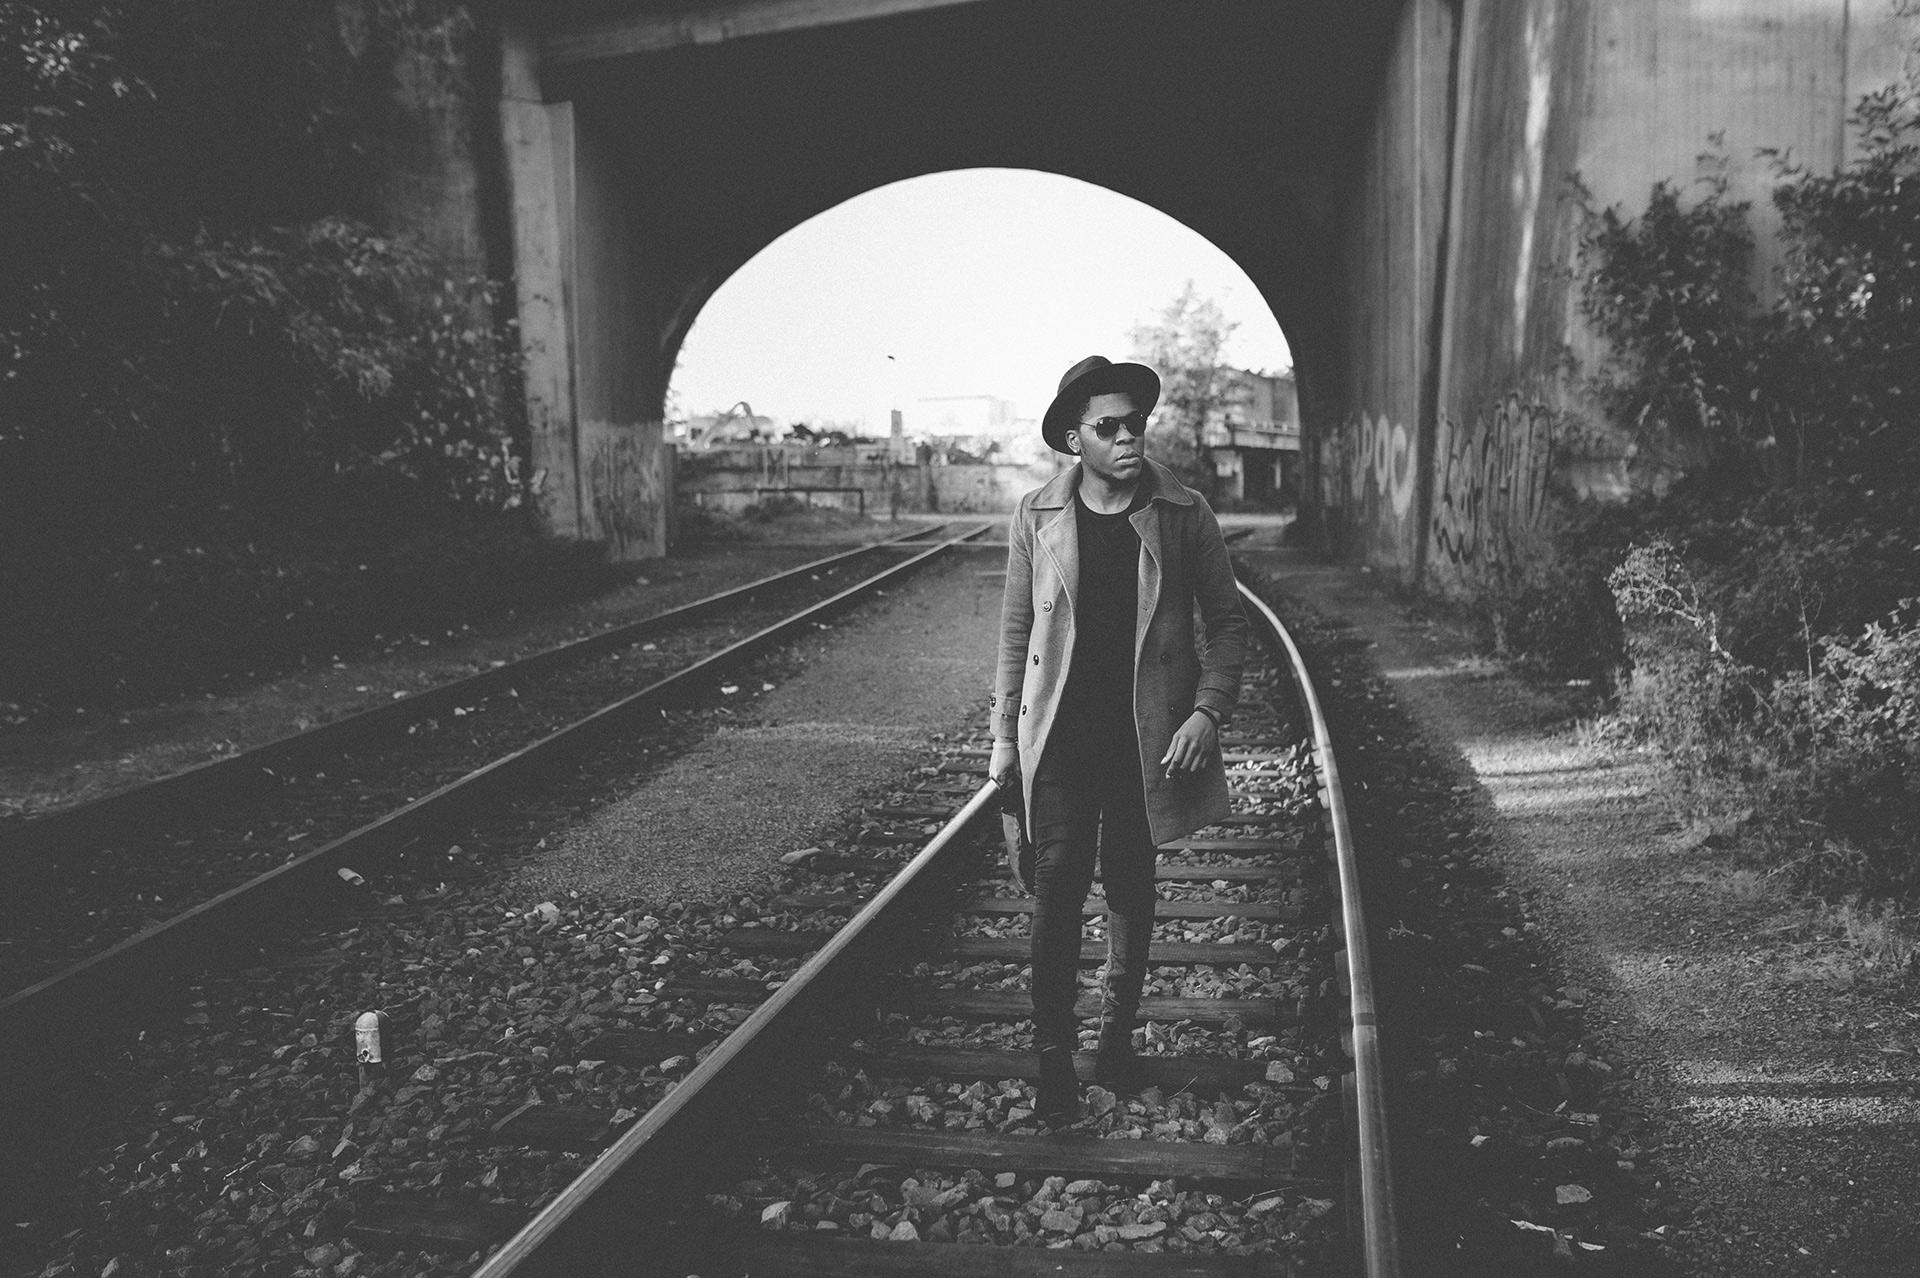 Billy im Walk - schwarz-weiß